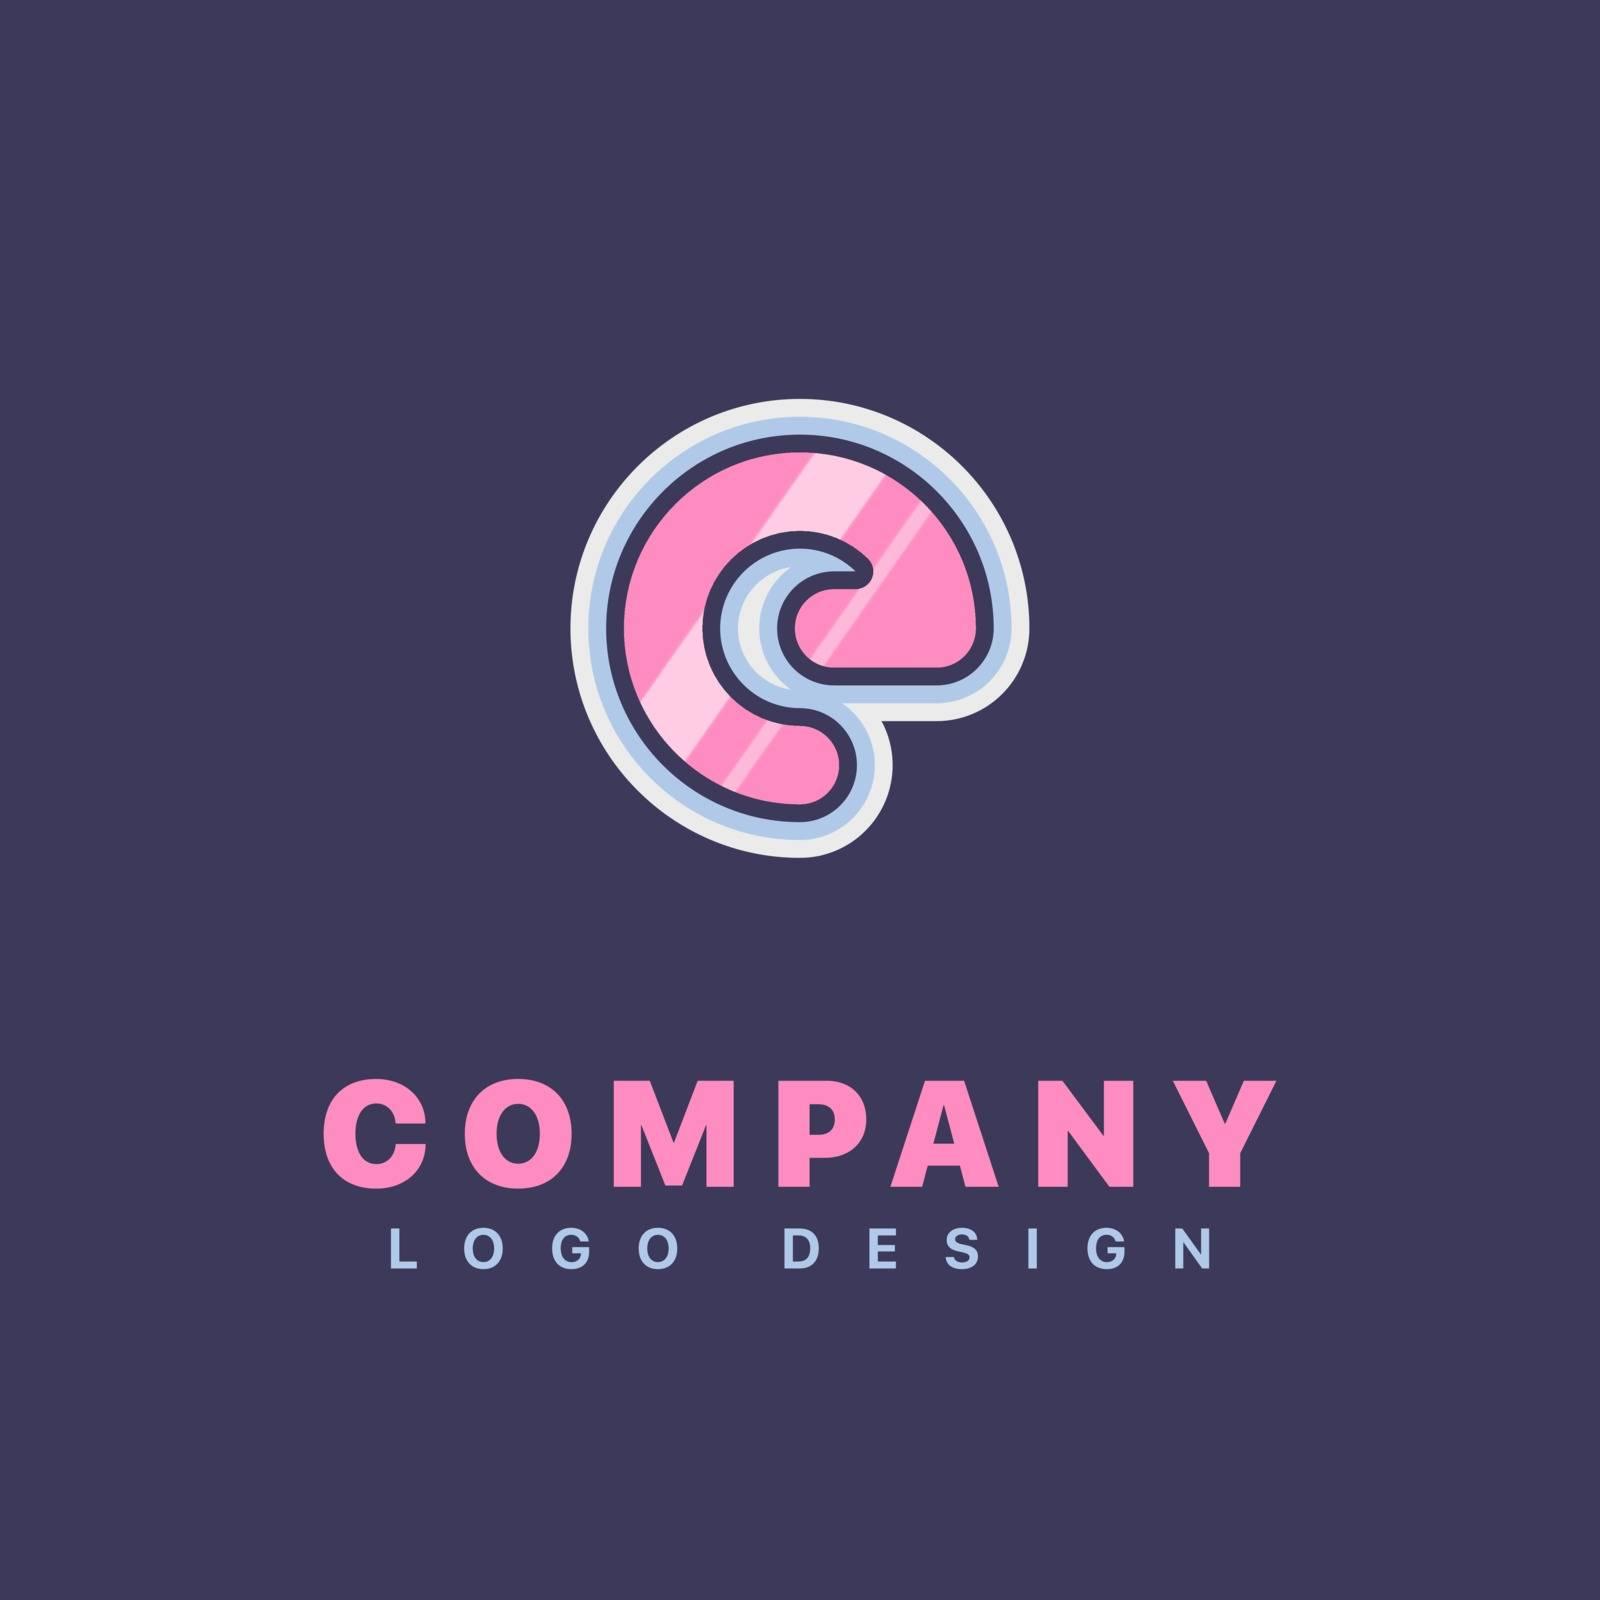 Letter E logo design template. Company logo icon